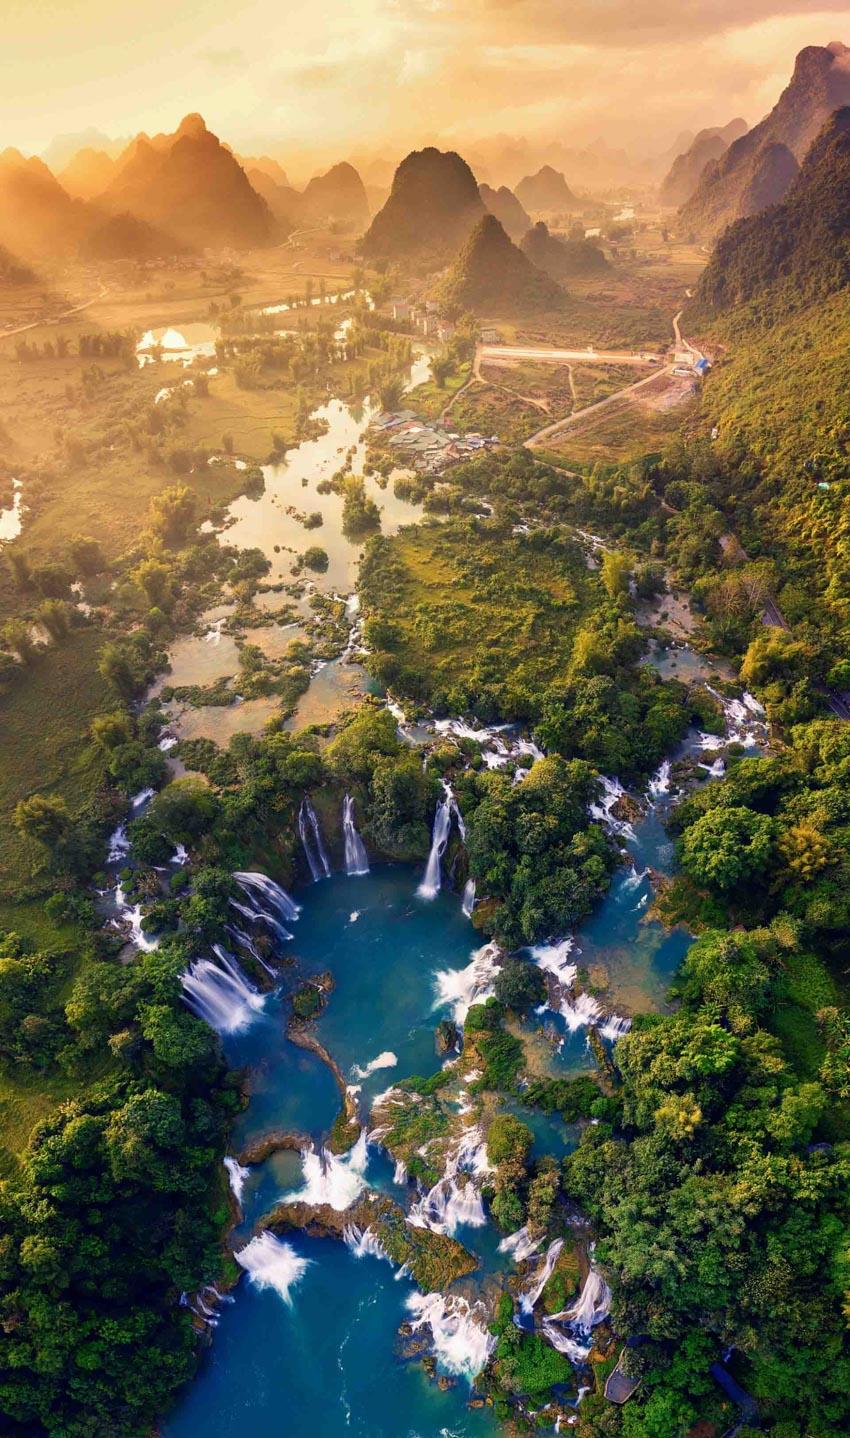 Ngắm vẻ đẹp mê hồn của Việt Nam nhìn từ trên cao - 1